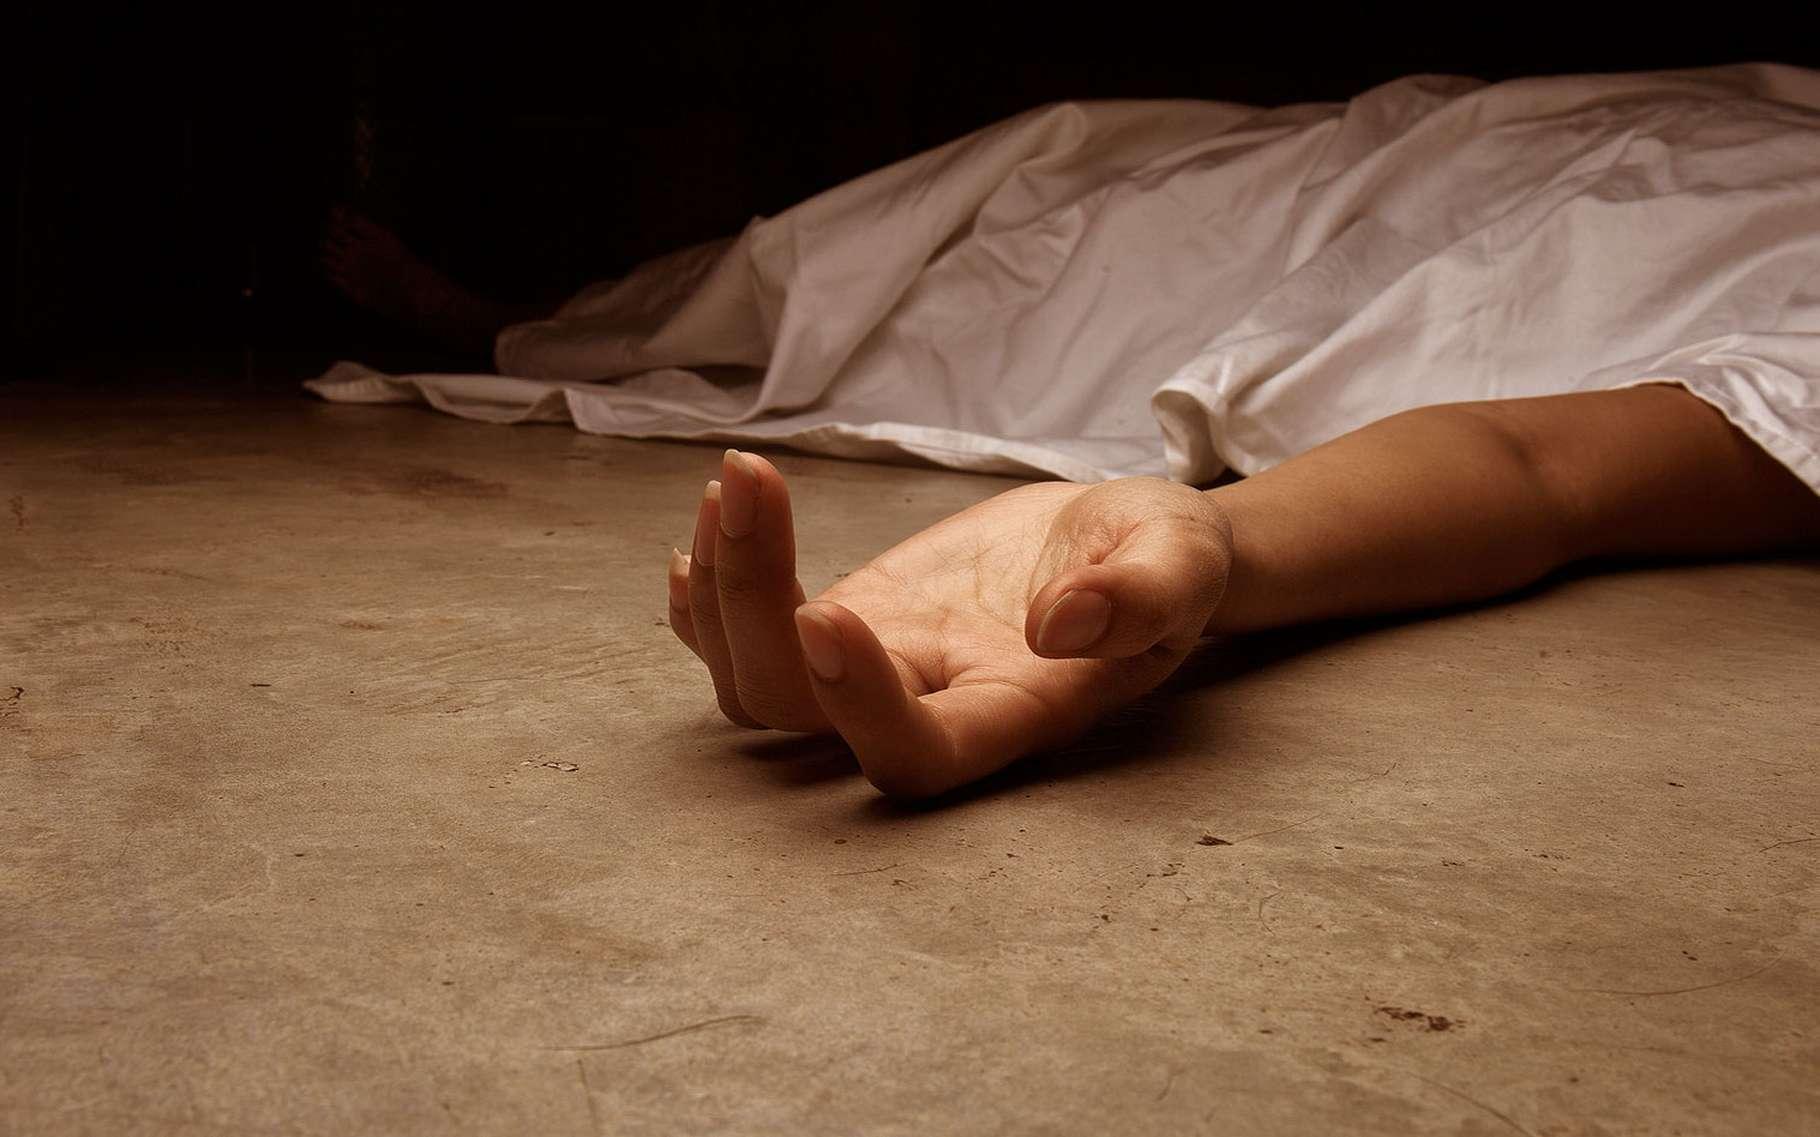 Сонник убить человека к чему снится во сне убить человека